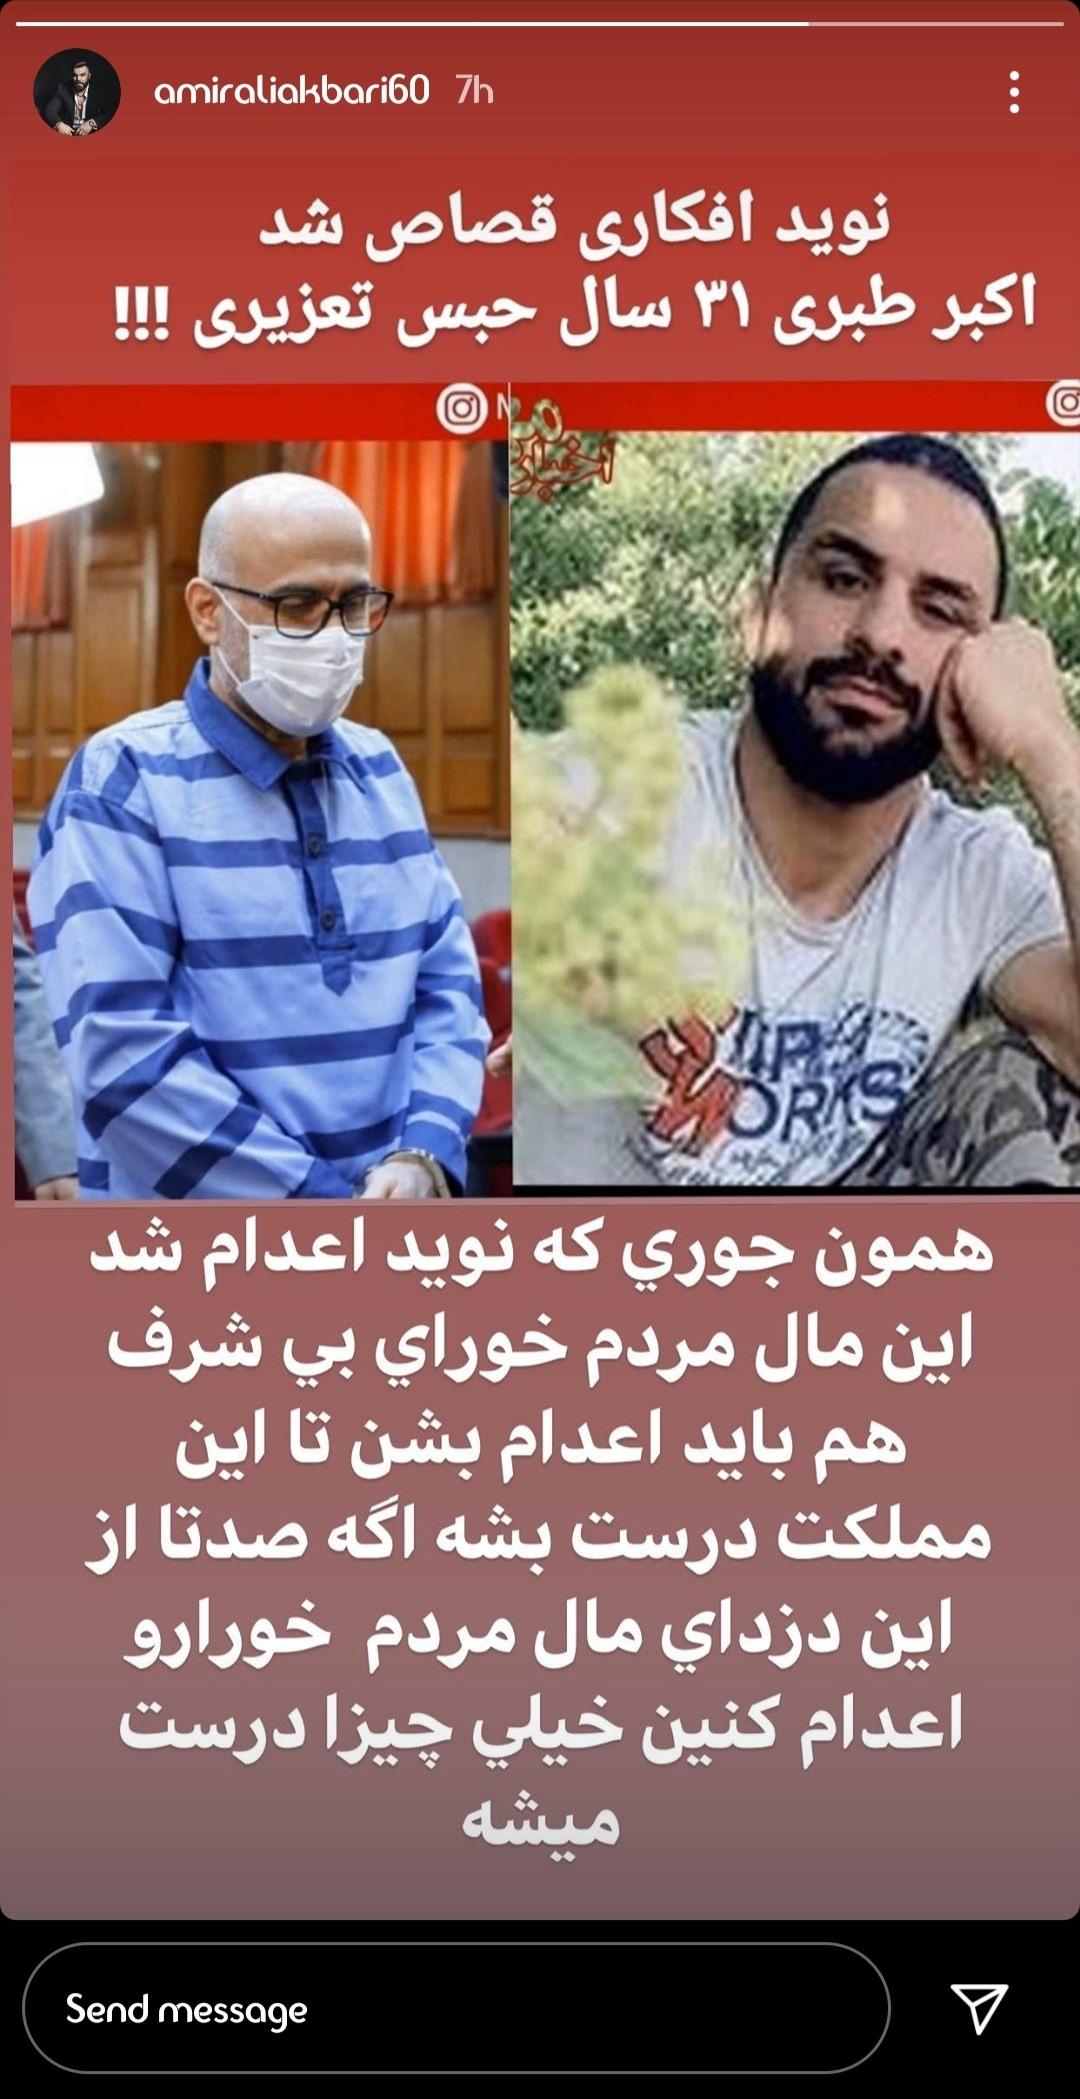 واکنش تند علی اکبری معروف به حکم اکبر طبری/ وقتی ستاره سابق پرسولیس بدمینتون بازی میکند